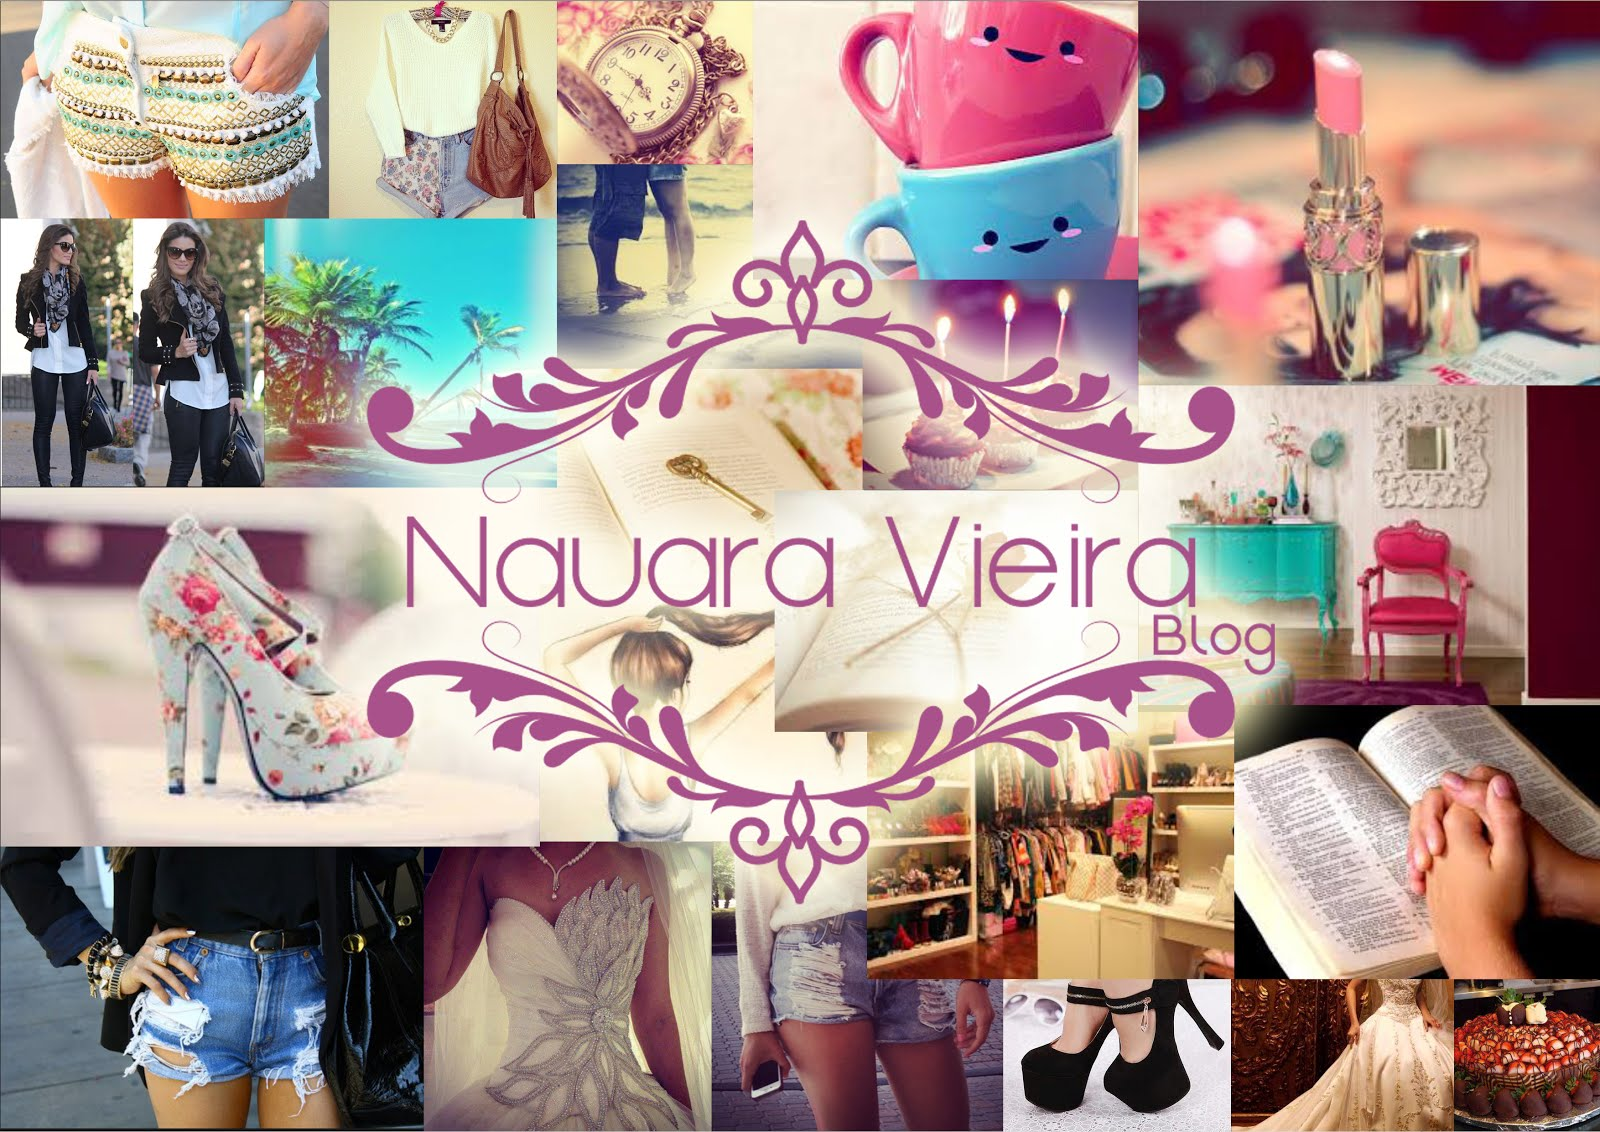 Nauara Vieira